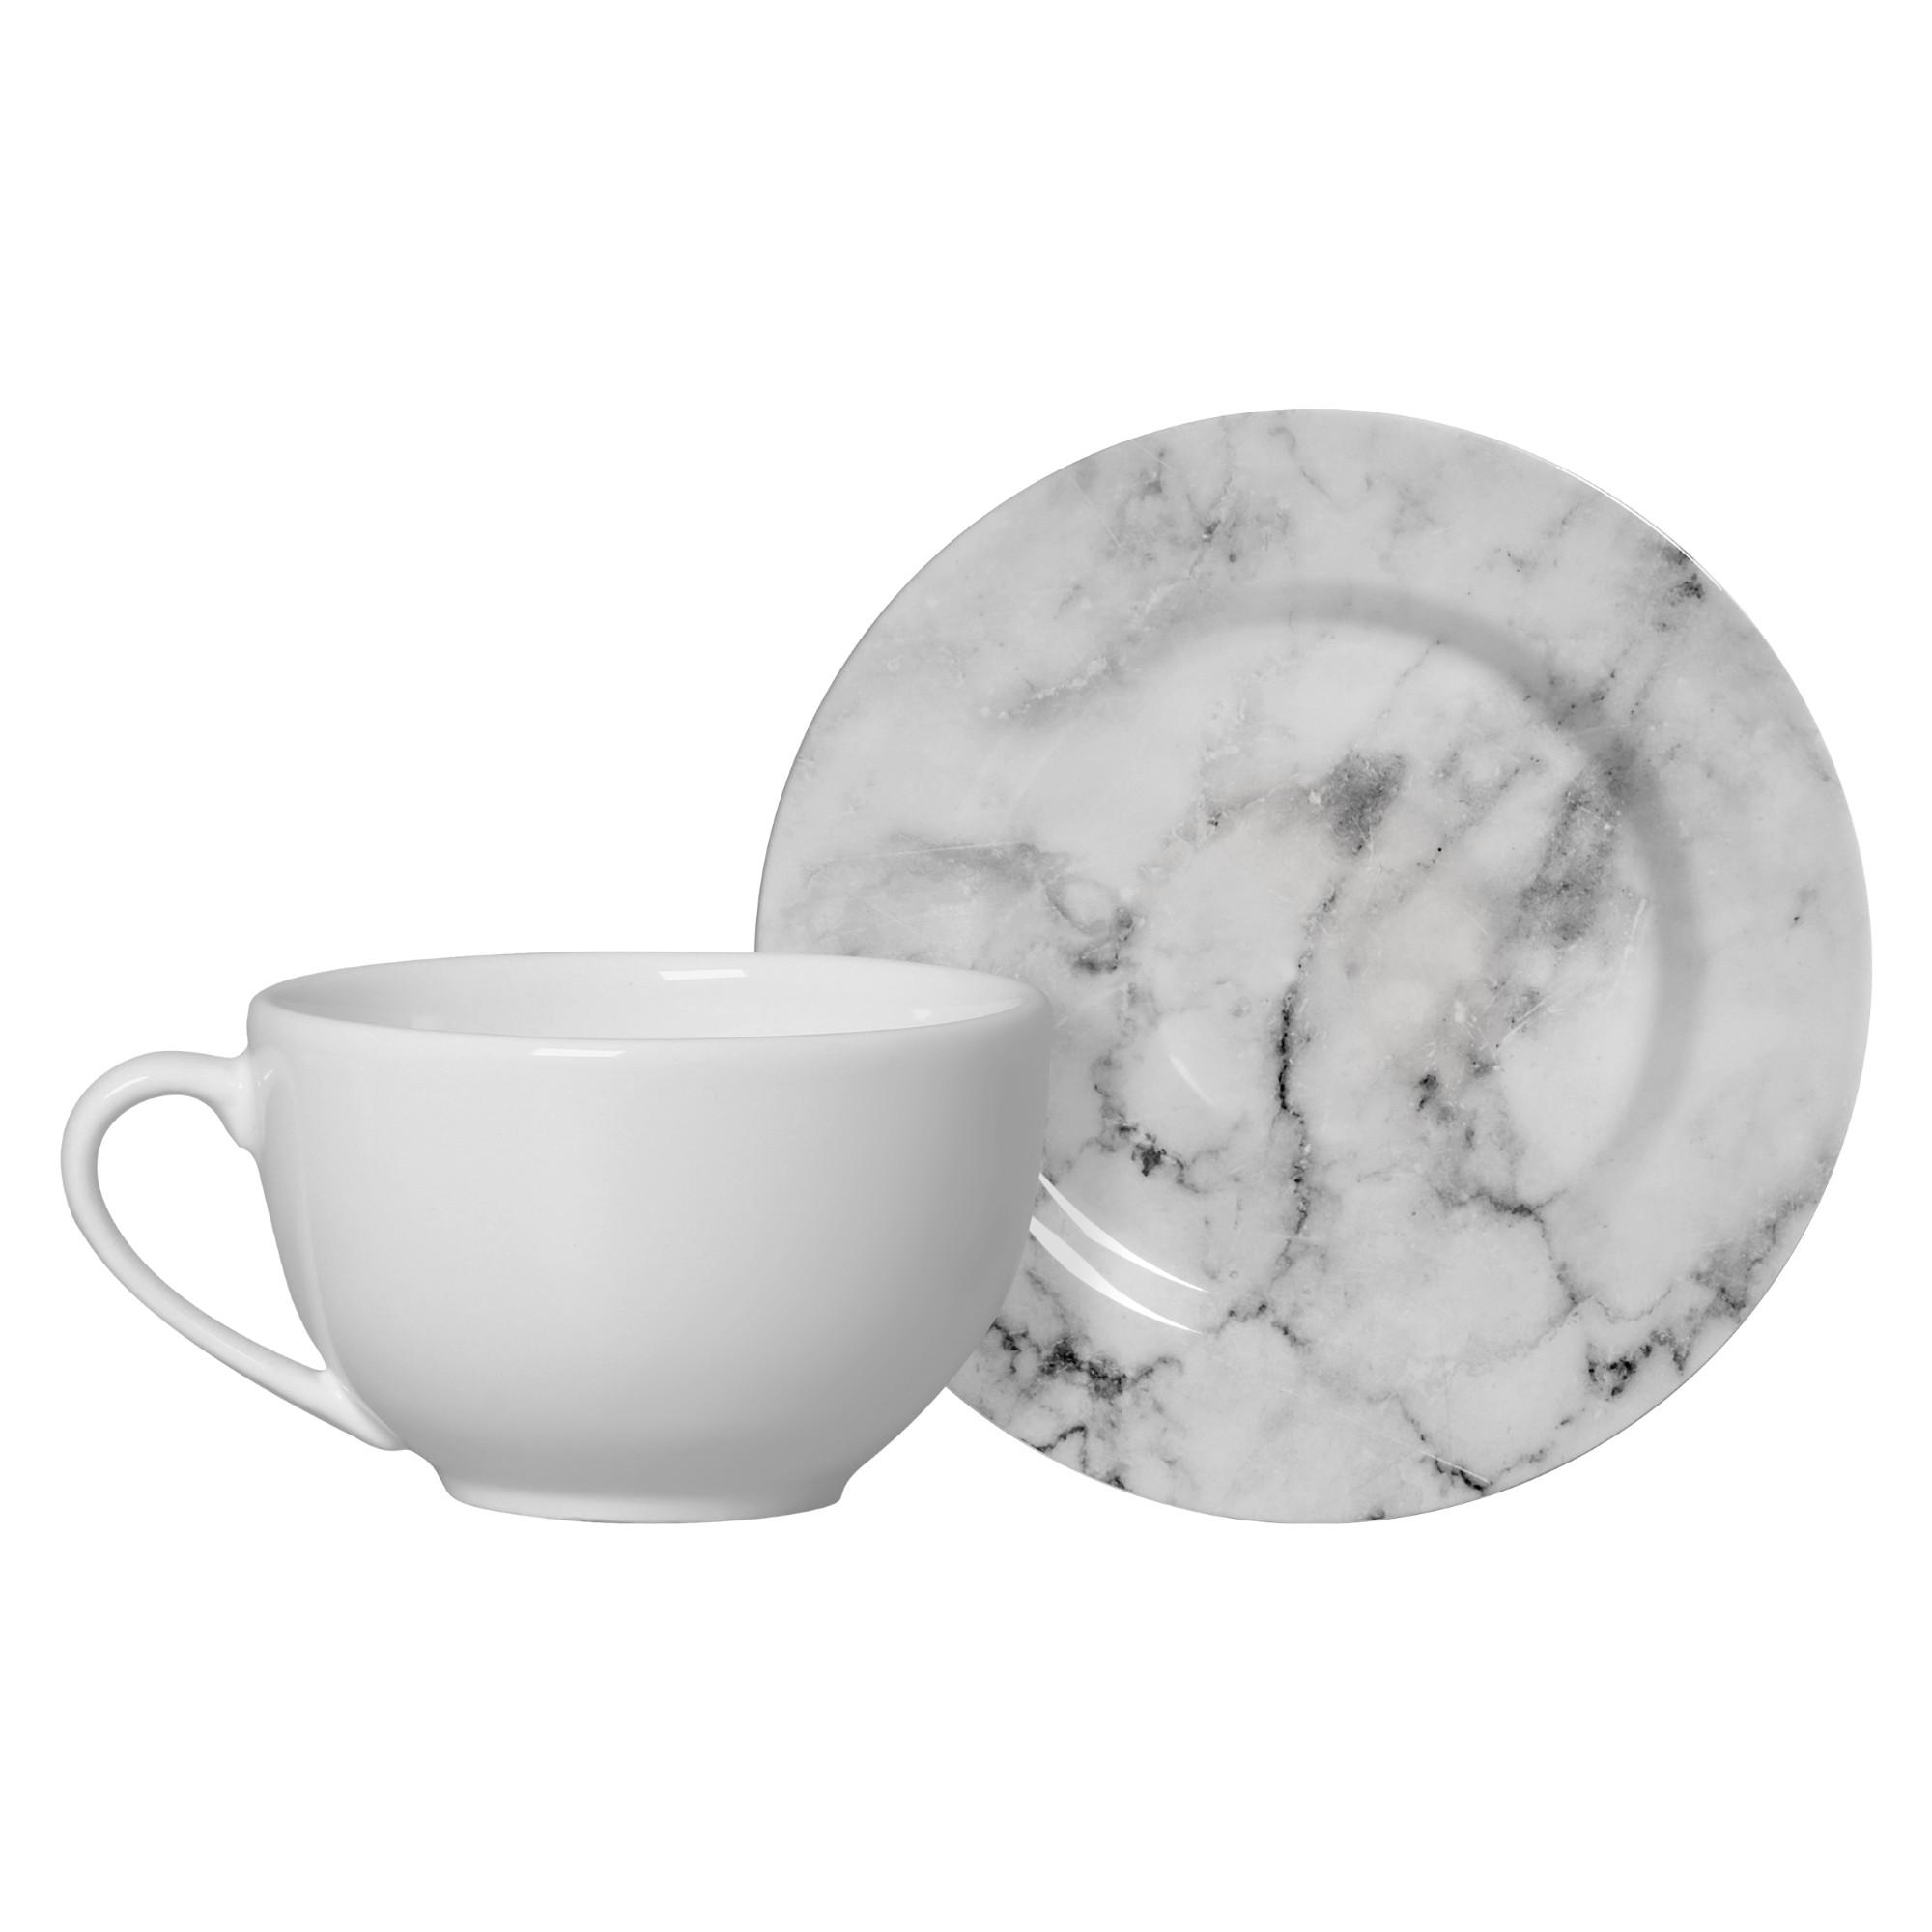 Xicara de Cha de Ceramica 300ml com Pires Marmore Branco - Alleanza